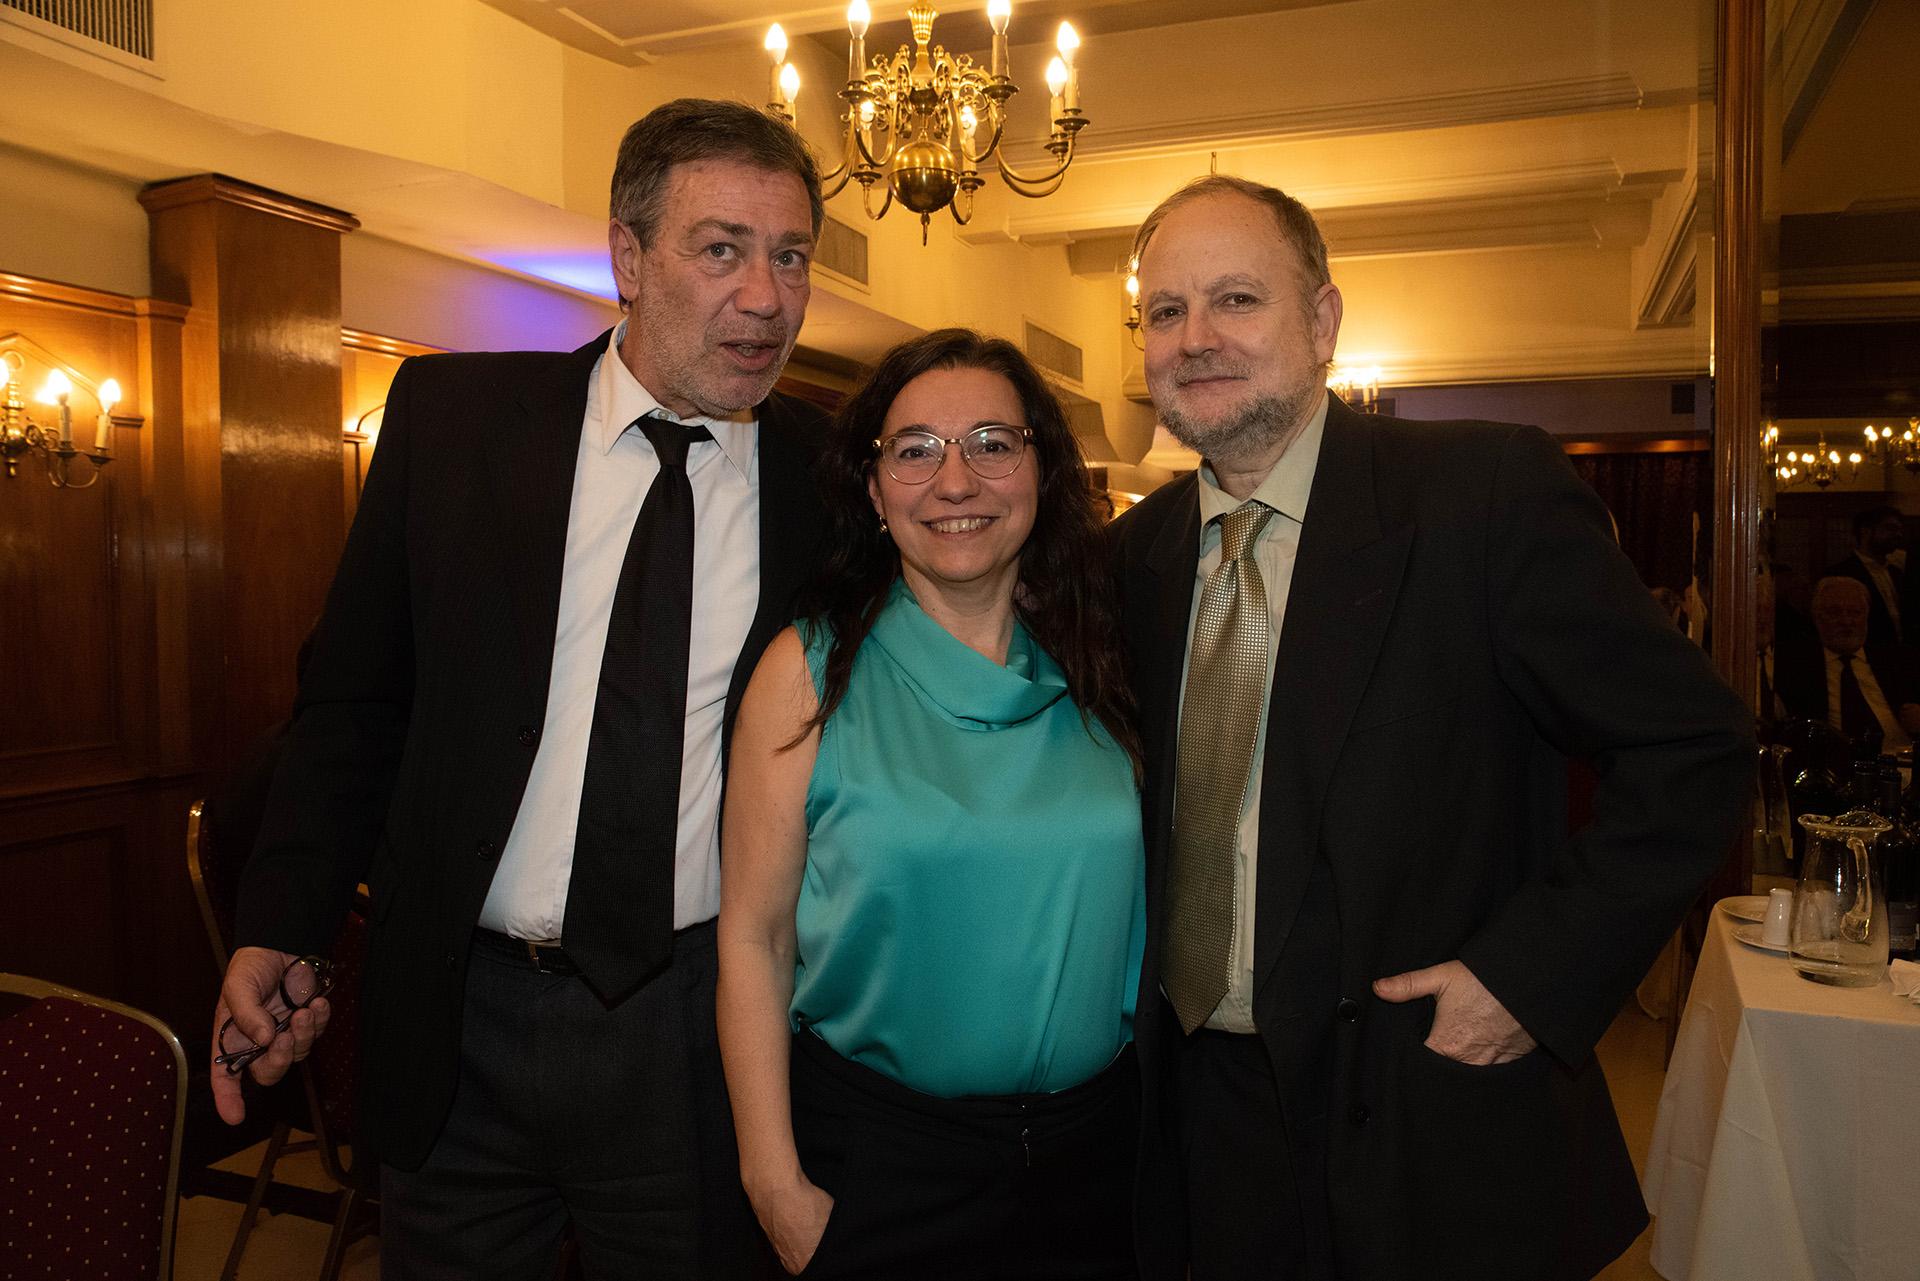 Los periodistas Sergio Levit, Analía Argento (Infobae) y Marcelo Helfgot (Clarín)